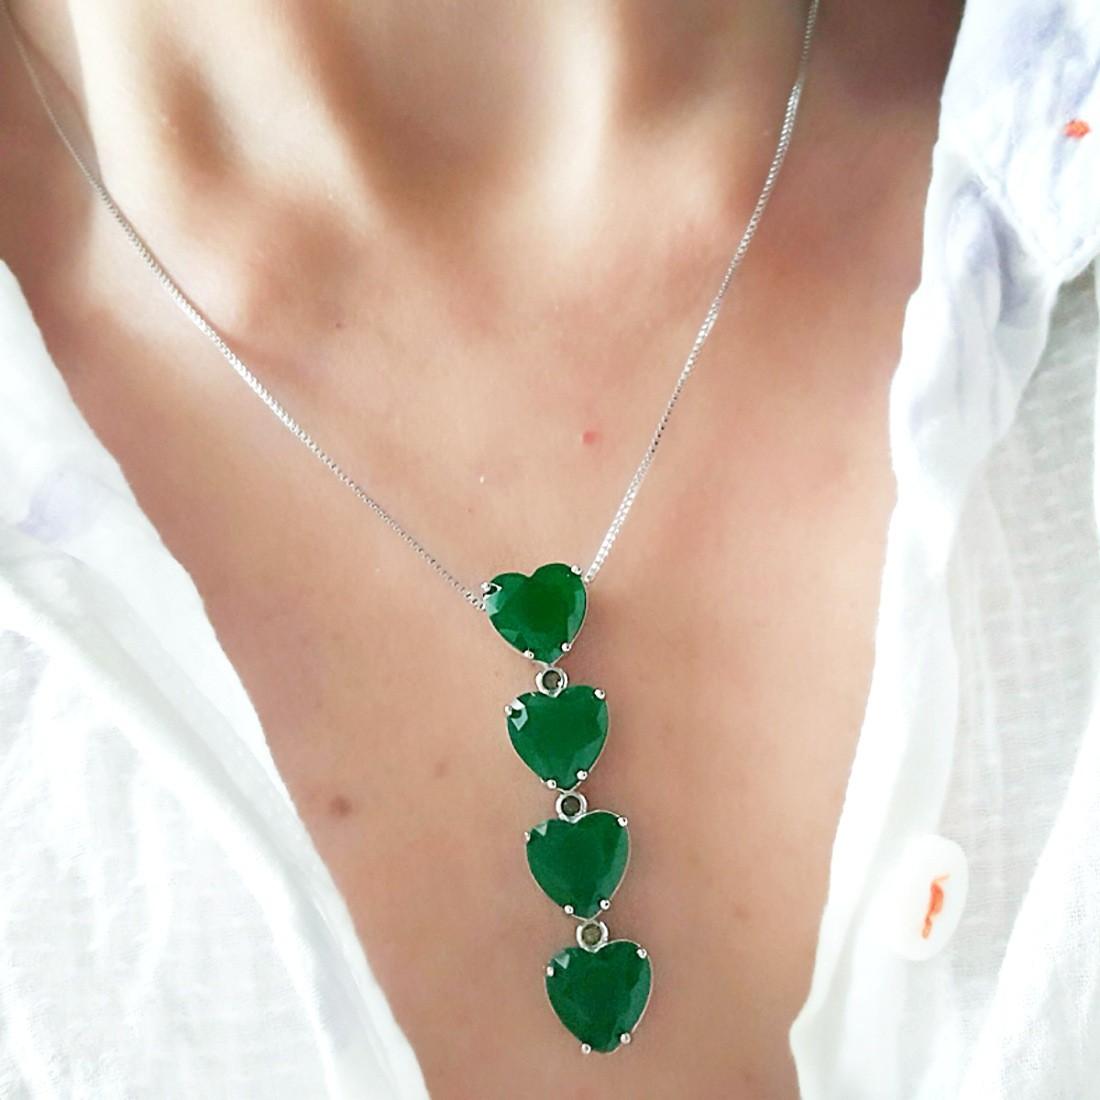 Colar Gravatinha Semijoia Luxo em Ródio Branco com Corações Esmeralda e Zircônias Redondas  - Soloyou